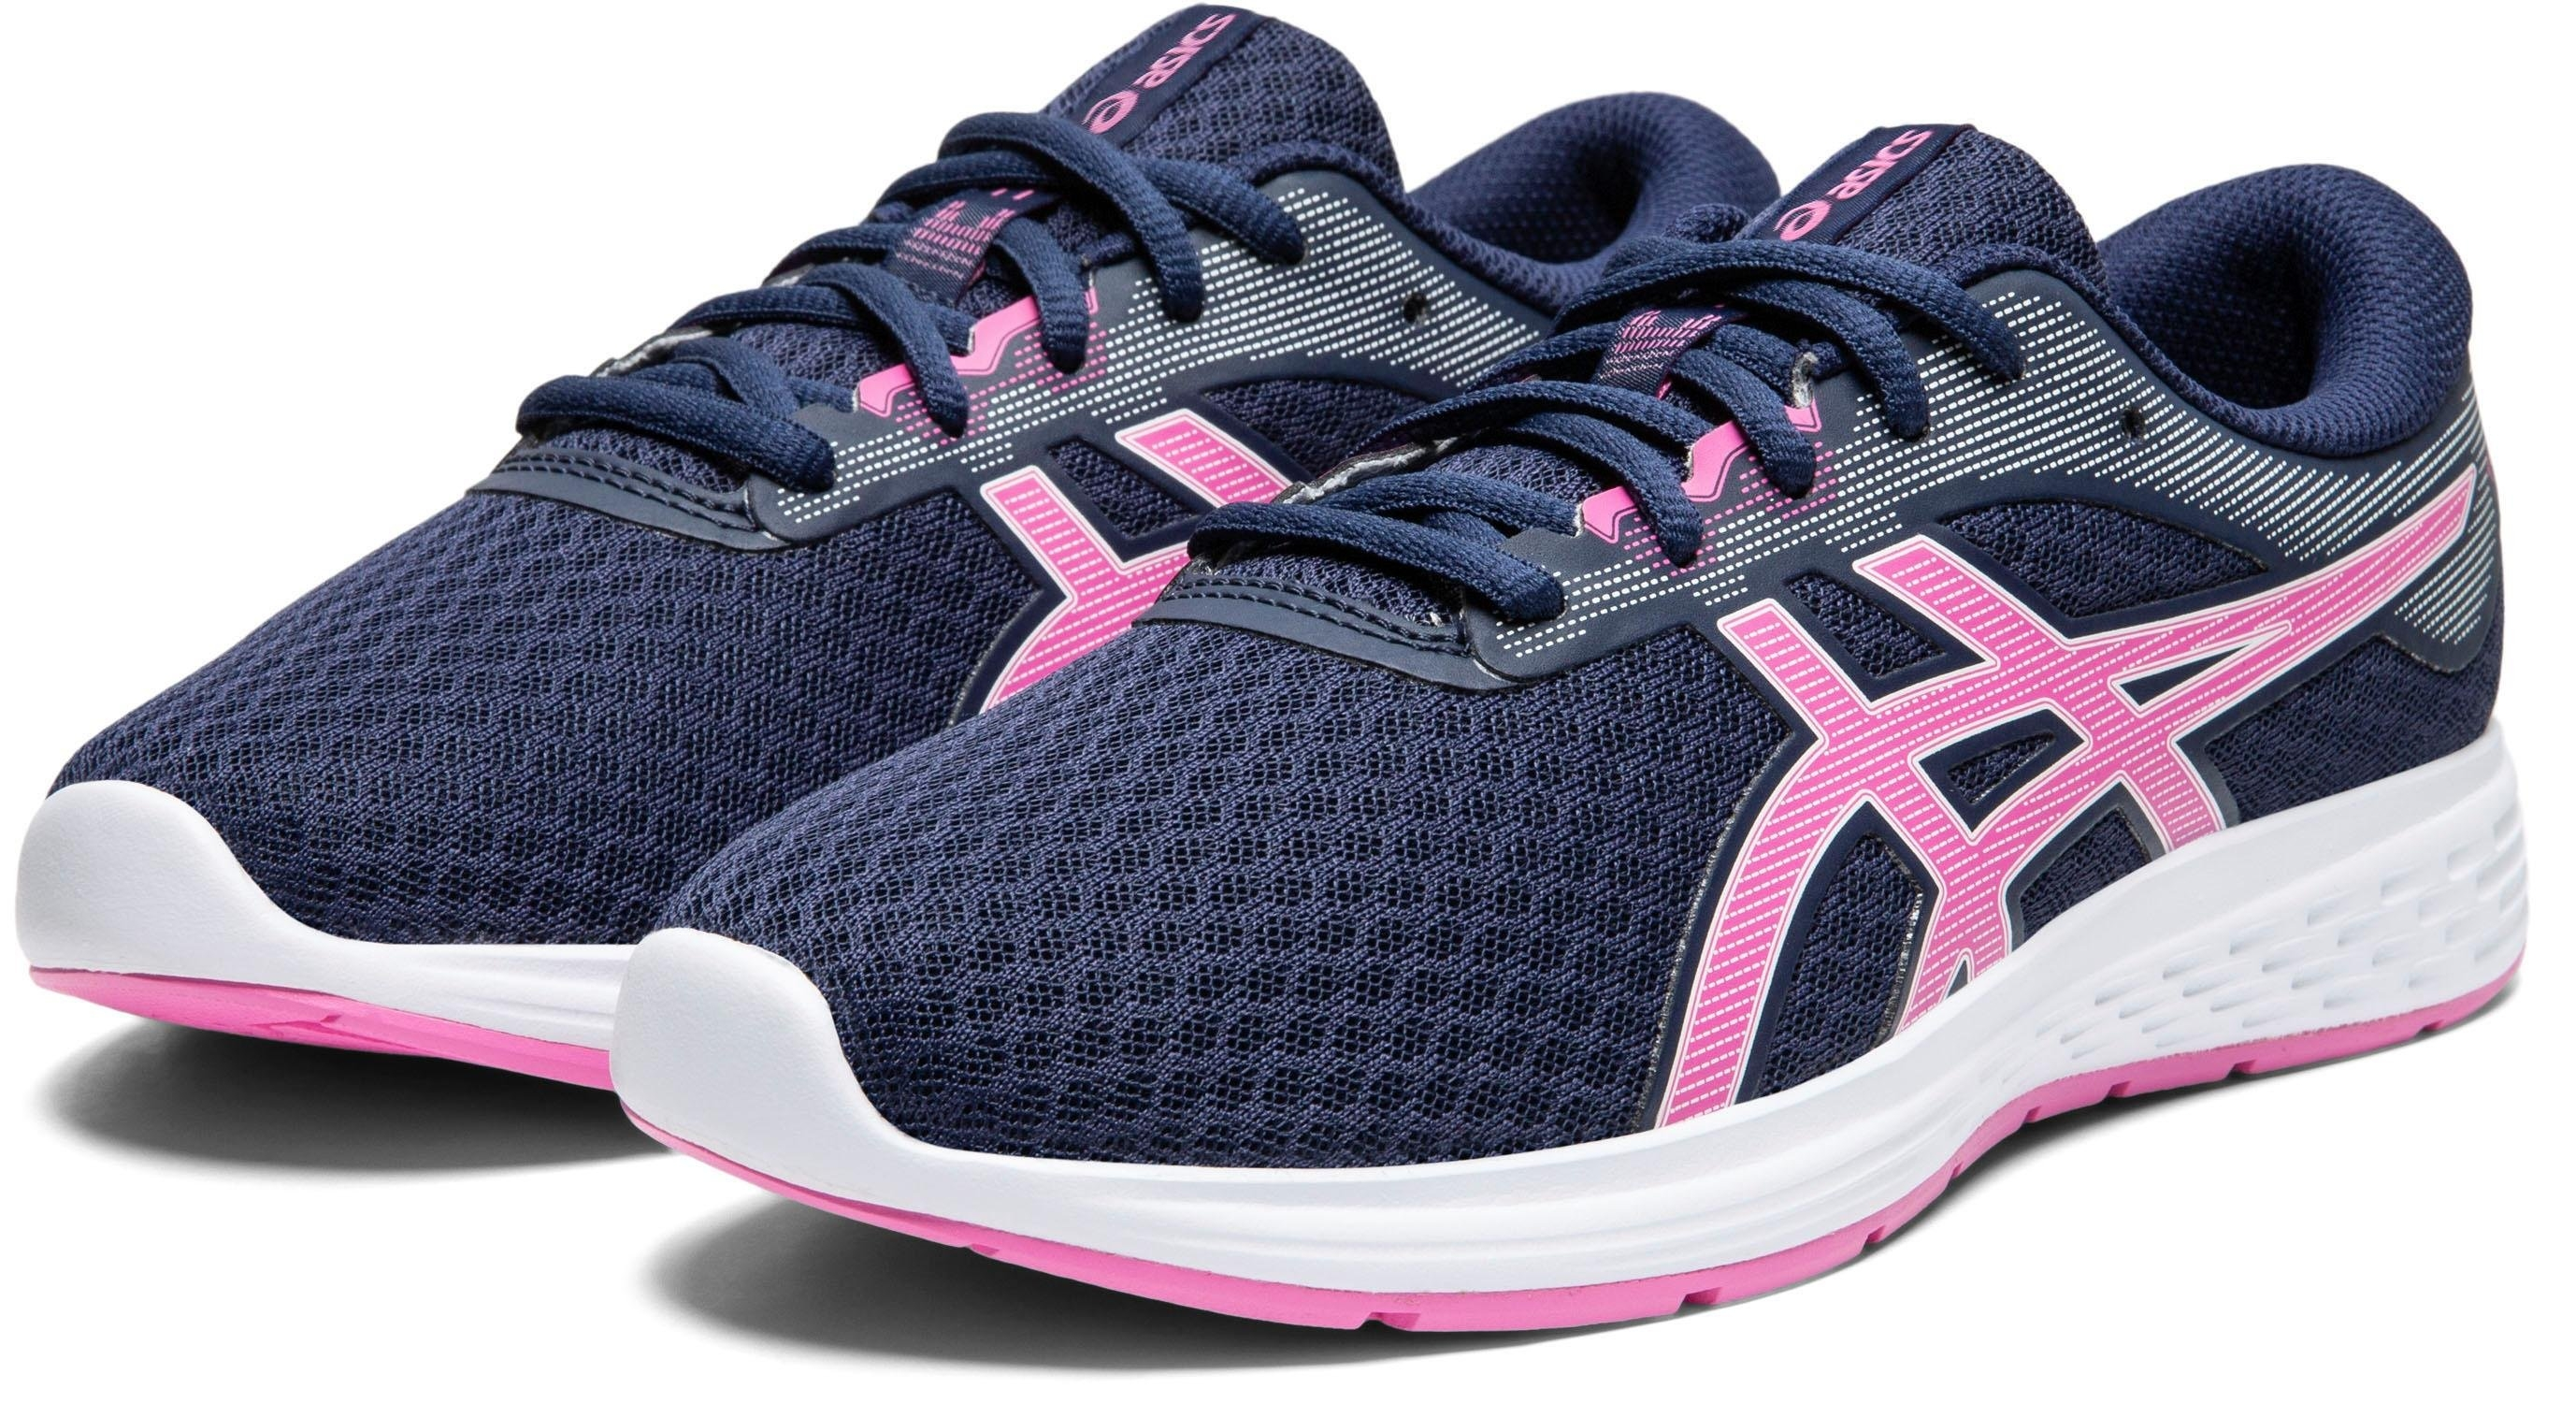 asics runningschoenen nu online kopen bij OTTO